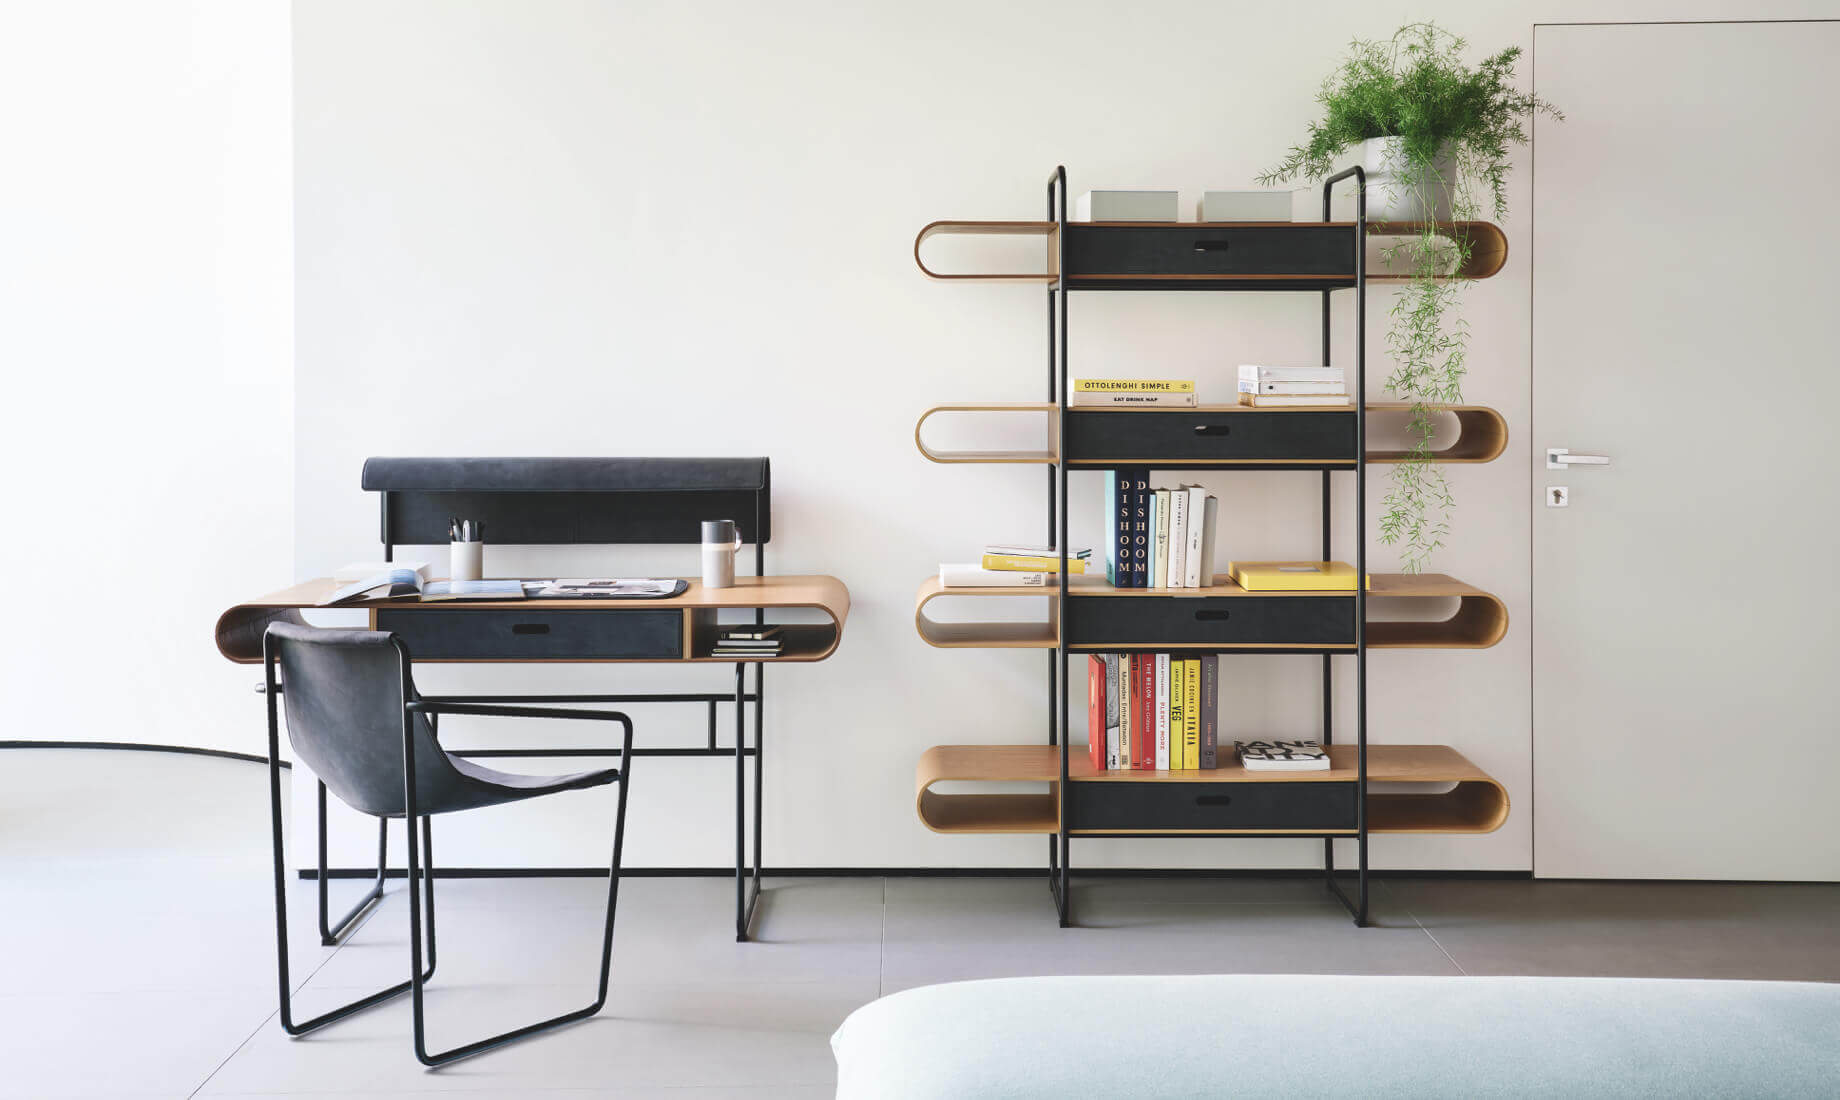 Apelle scrivania, sedia e libreria - Midj